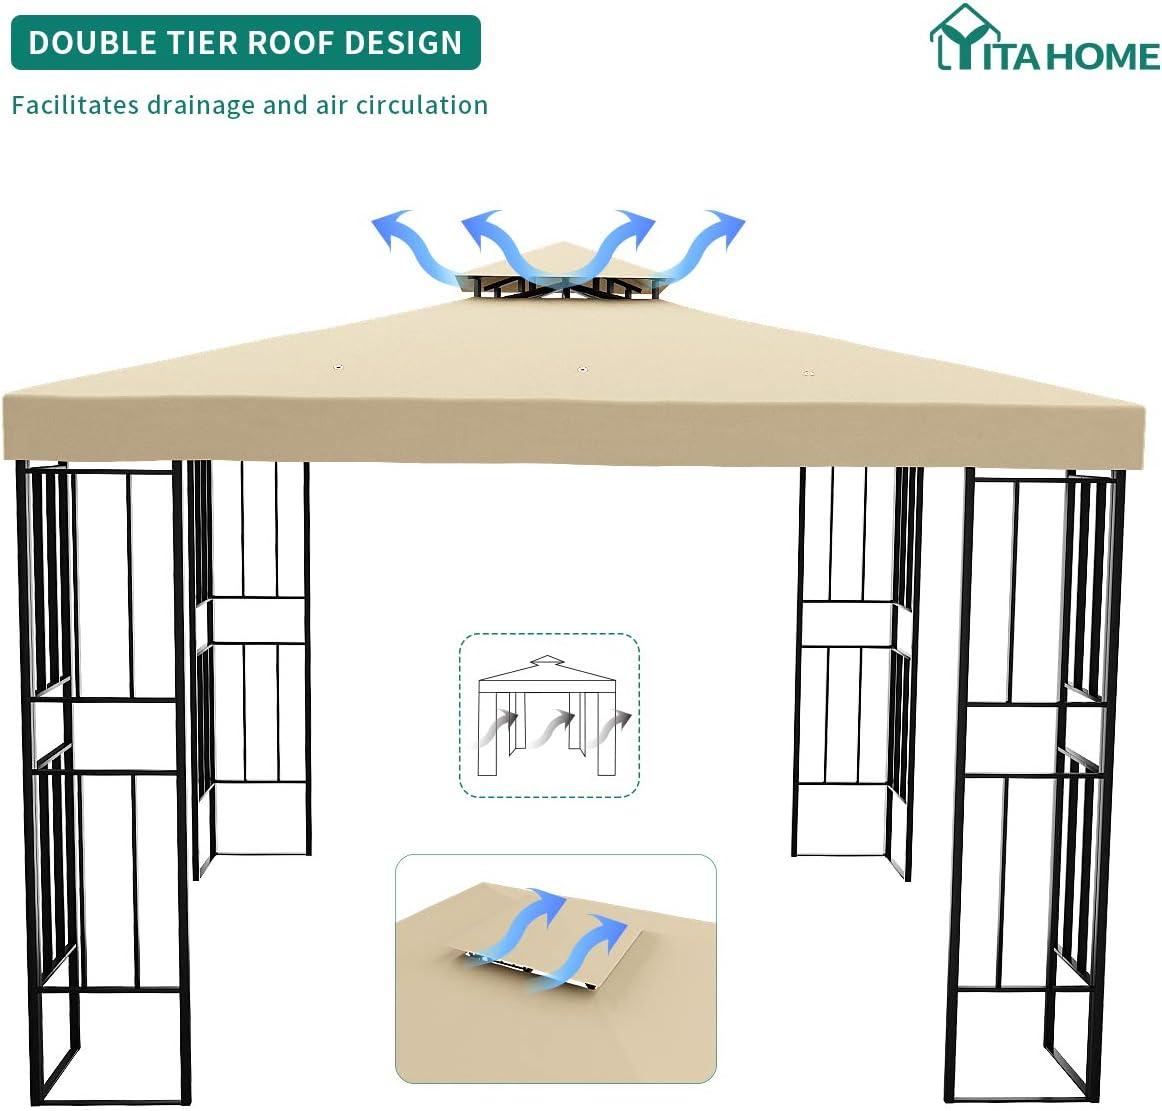 YITAHOME - Cenador de jardín con doble techo con marco de acero para patio, patio, patio, cubierta, barbacoa (3 x 3 m): Amazon.es: Jardín